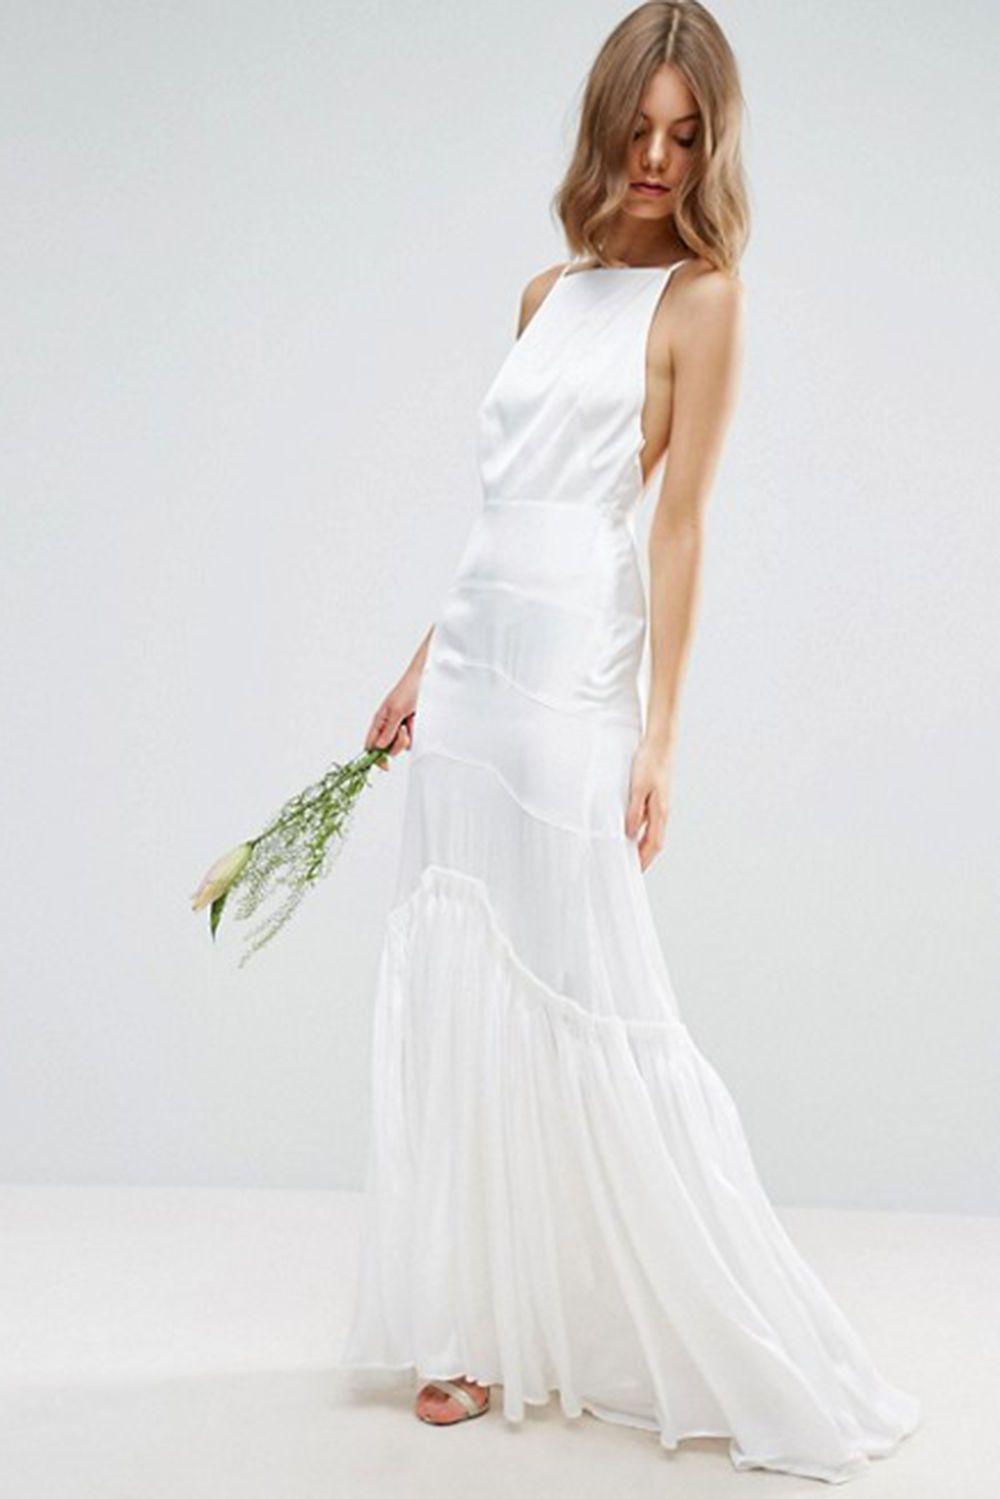 Günstige Brautkleider Heiraten Für Wenig Geld  Kleid